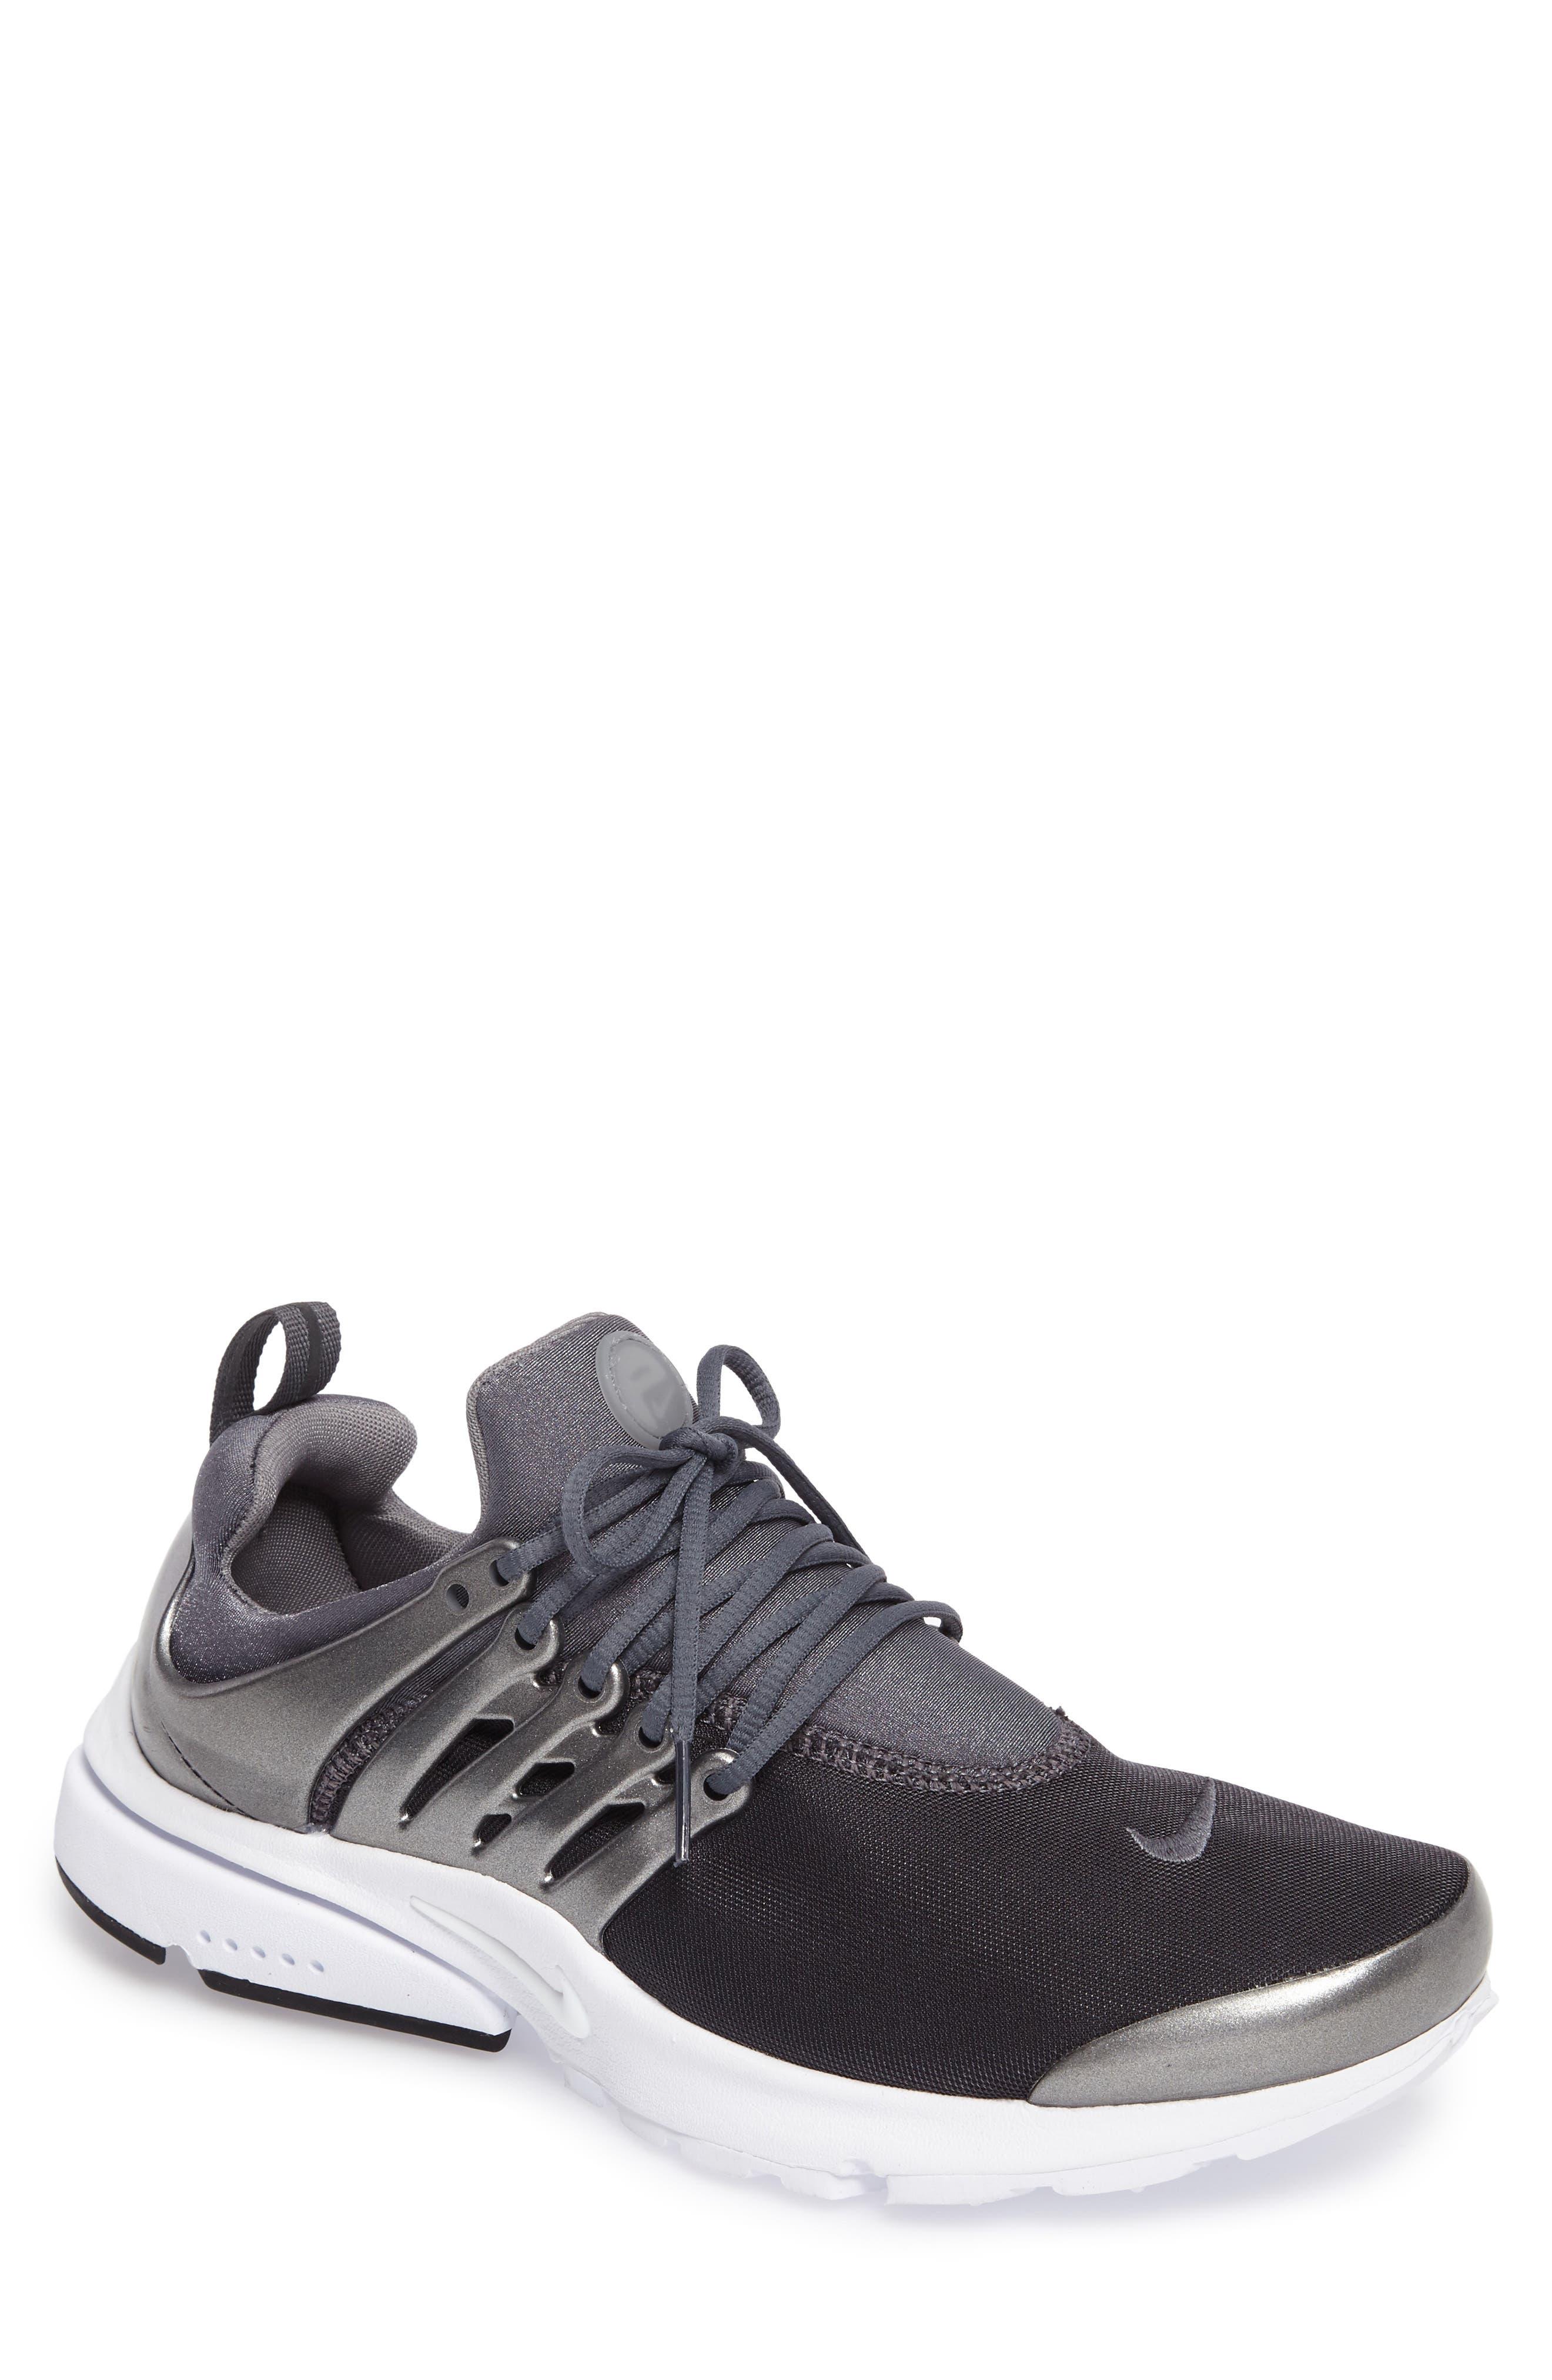 Air Presto Premium Sneaker,                         Main,                         color, Metallic Hematite/ Cool Grey